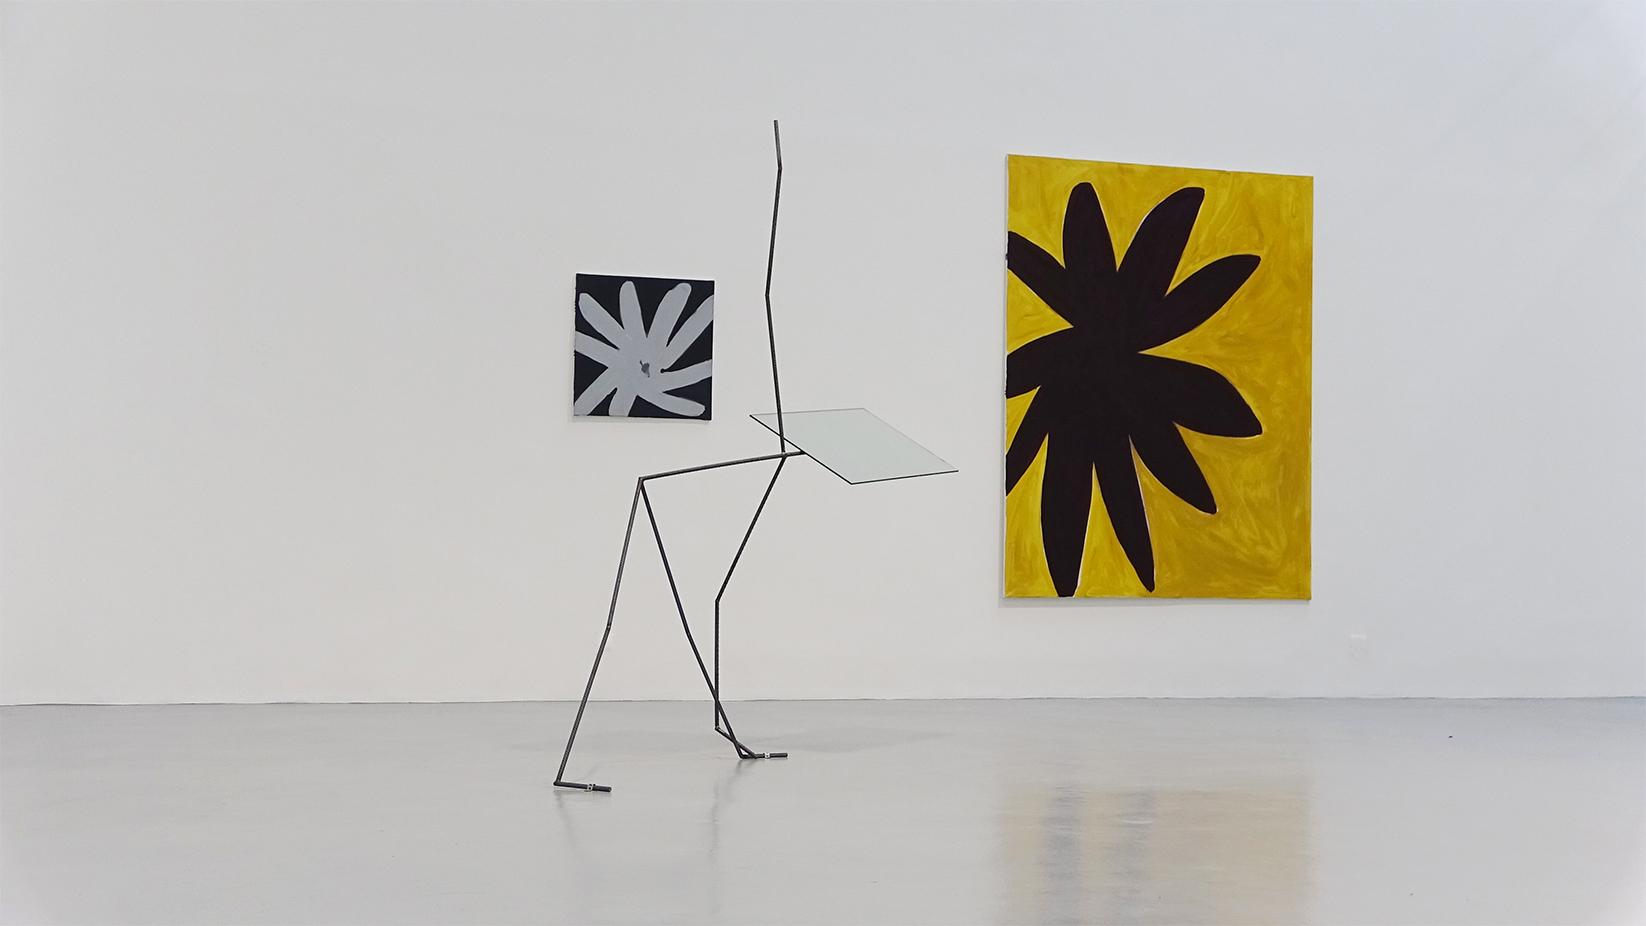 Laure Prouvost, Tamuna Sirbiladze, vue d'installation, Hussenot, Paris — Galerie Éric Hussenot, Paris